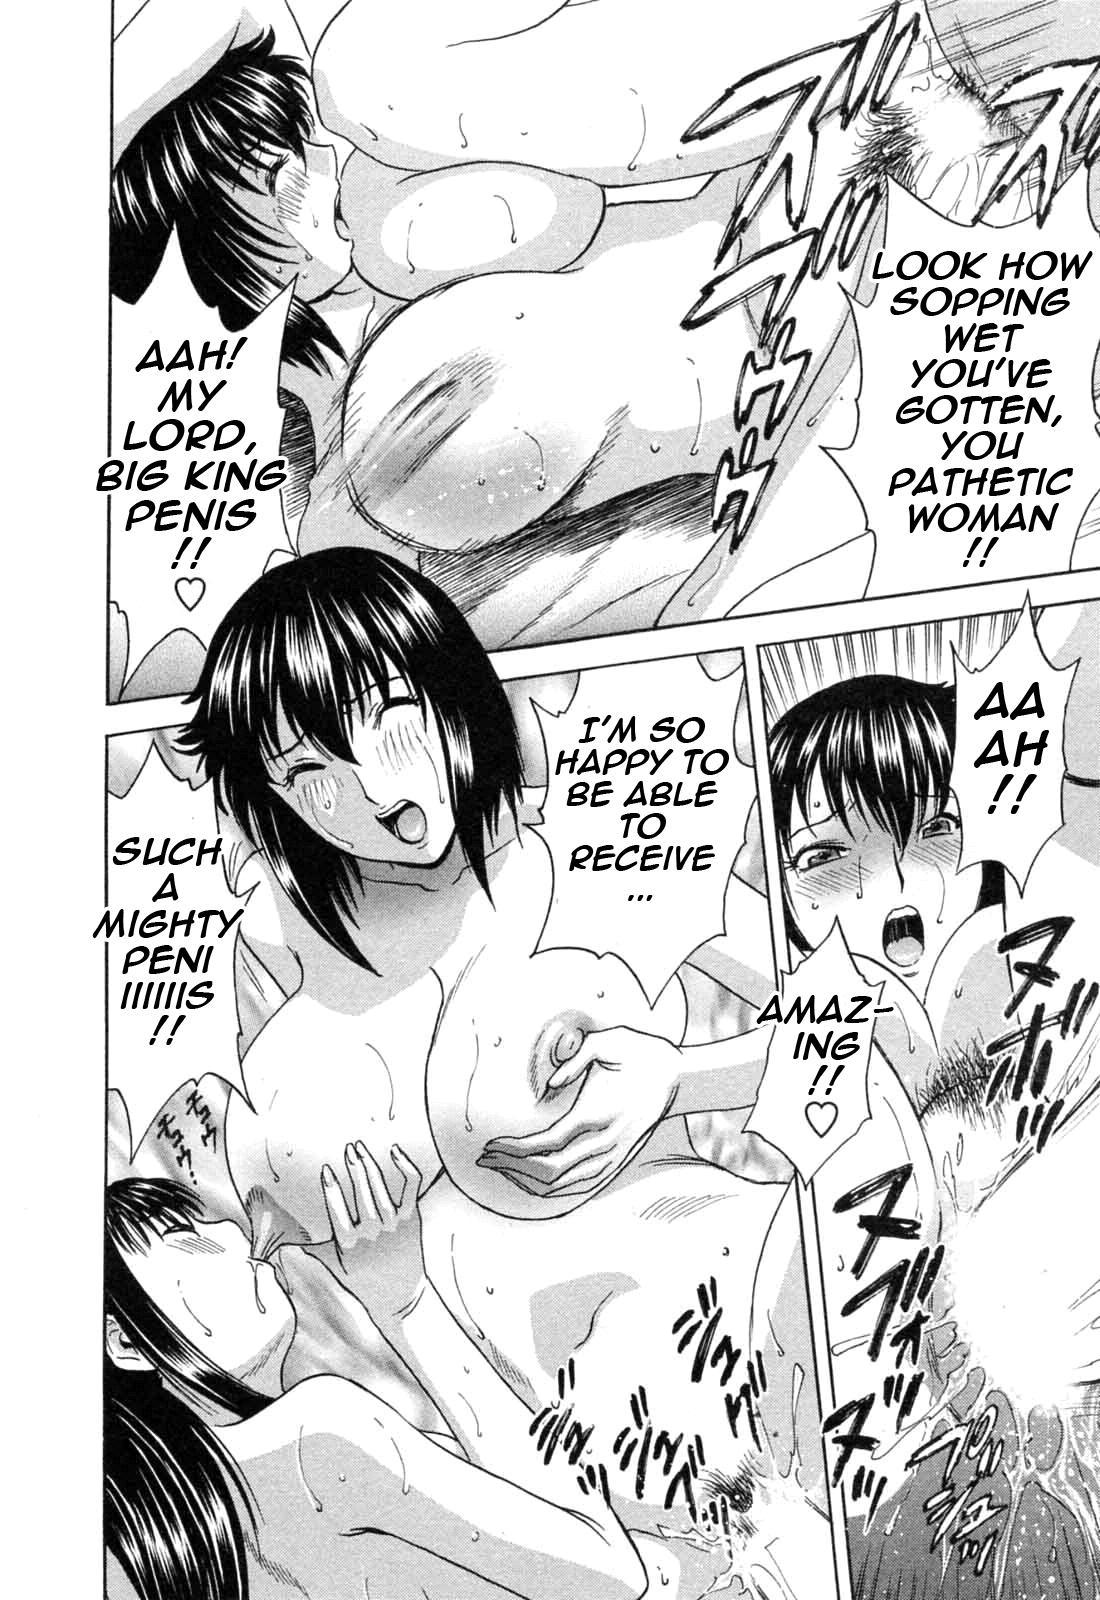 [Hidemaru] Mo-Retsu! Boin Sensei (Boing Boing Teacher) Vol.5 [English] [4dawgz] [Tadanohito] 146